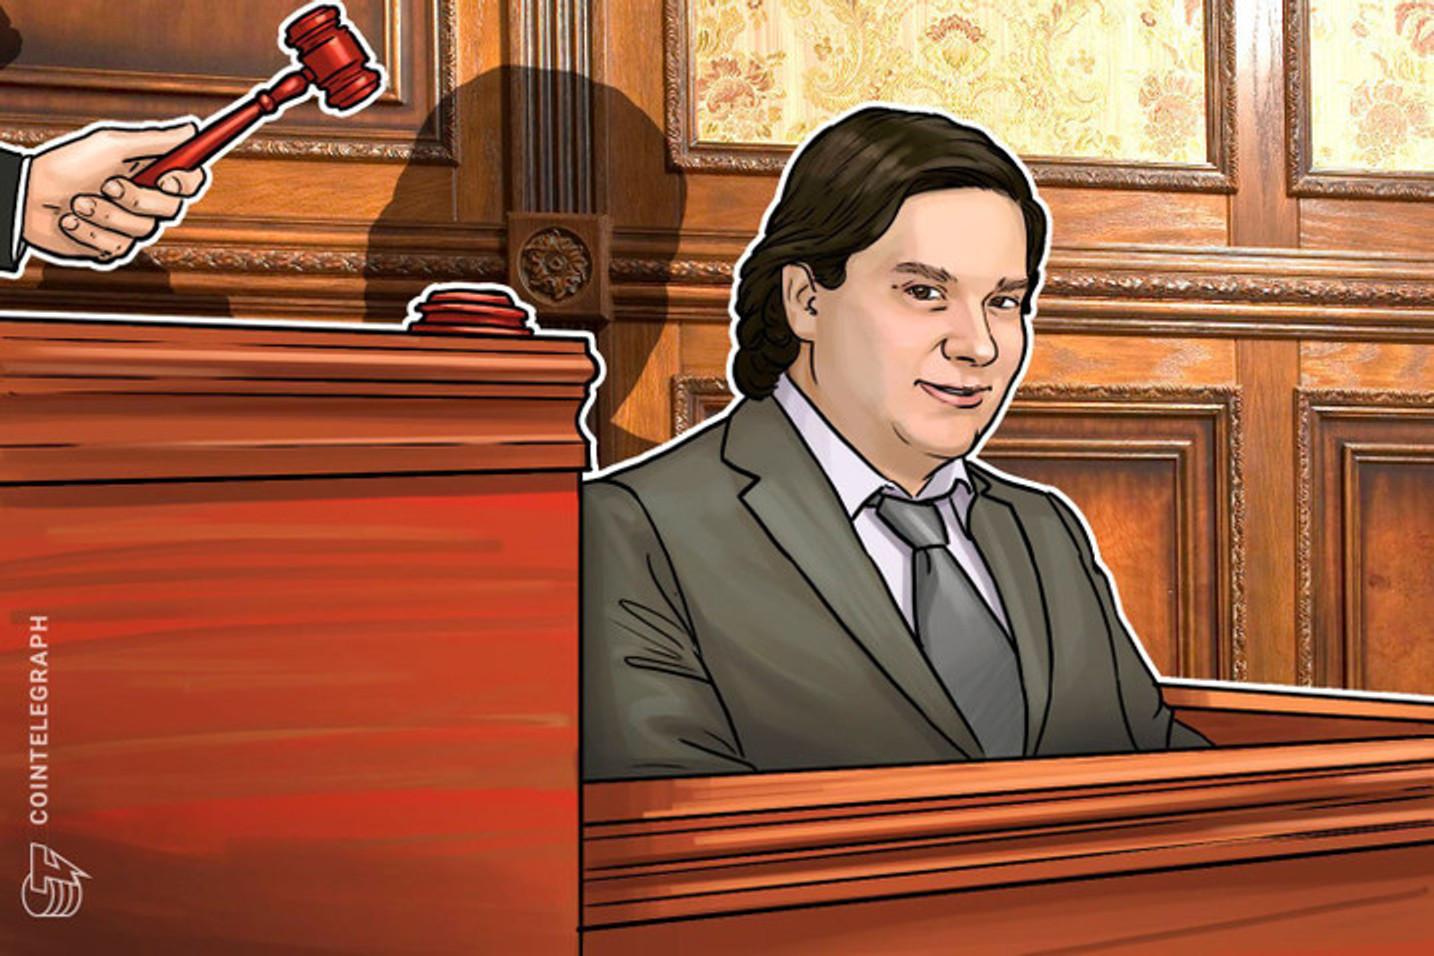 仮想通貨取引所マウントゴックスのカルプレス元社長、2審も有罪判決